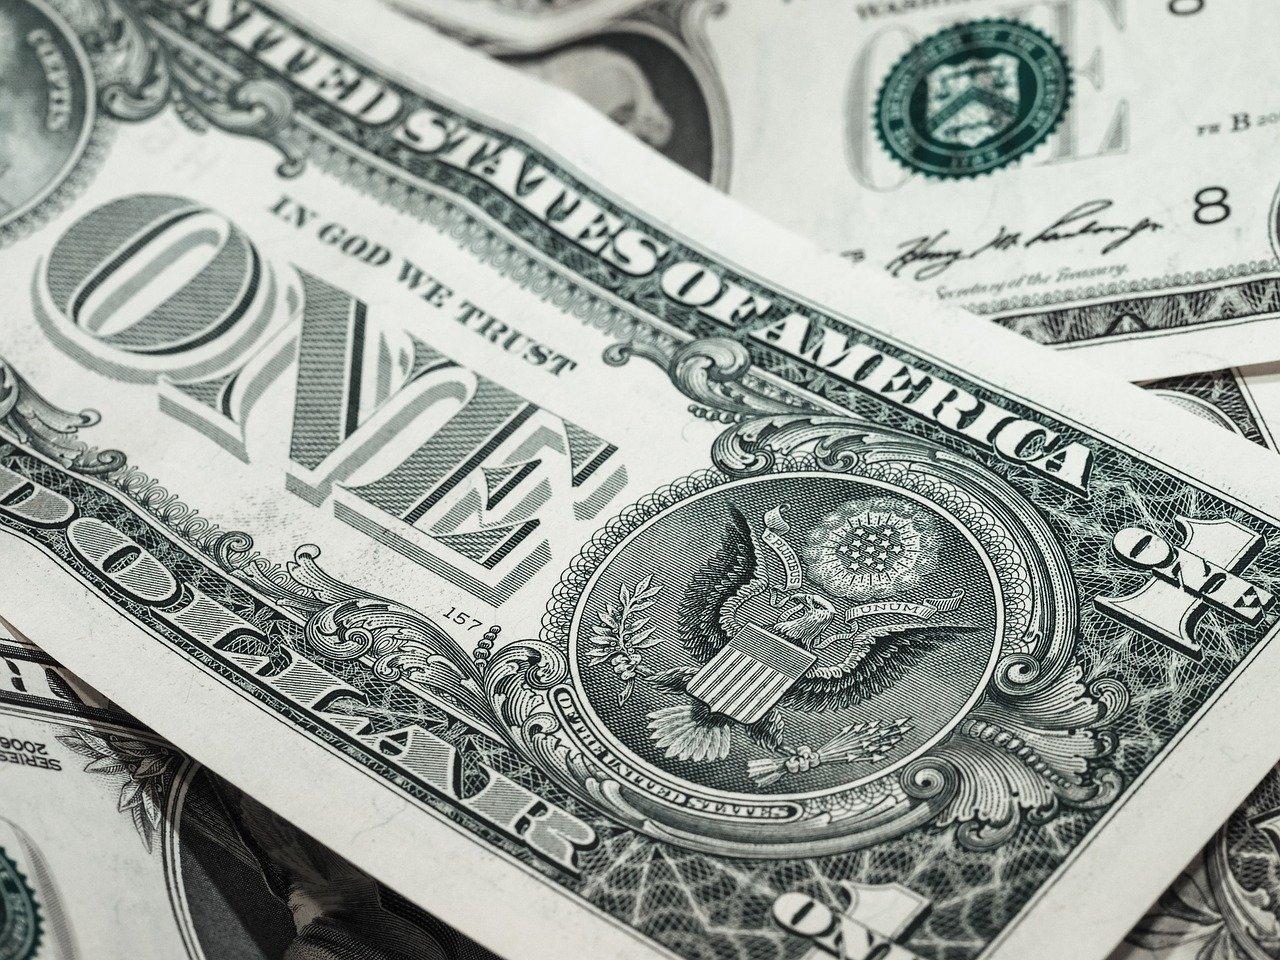 דירוג מוסדות פיננסיים